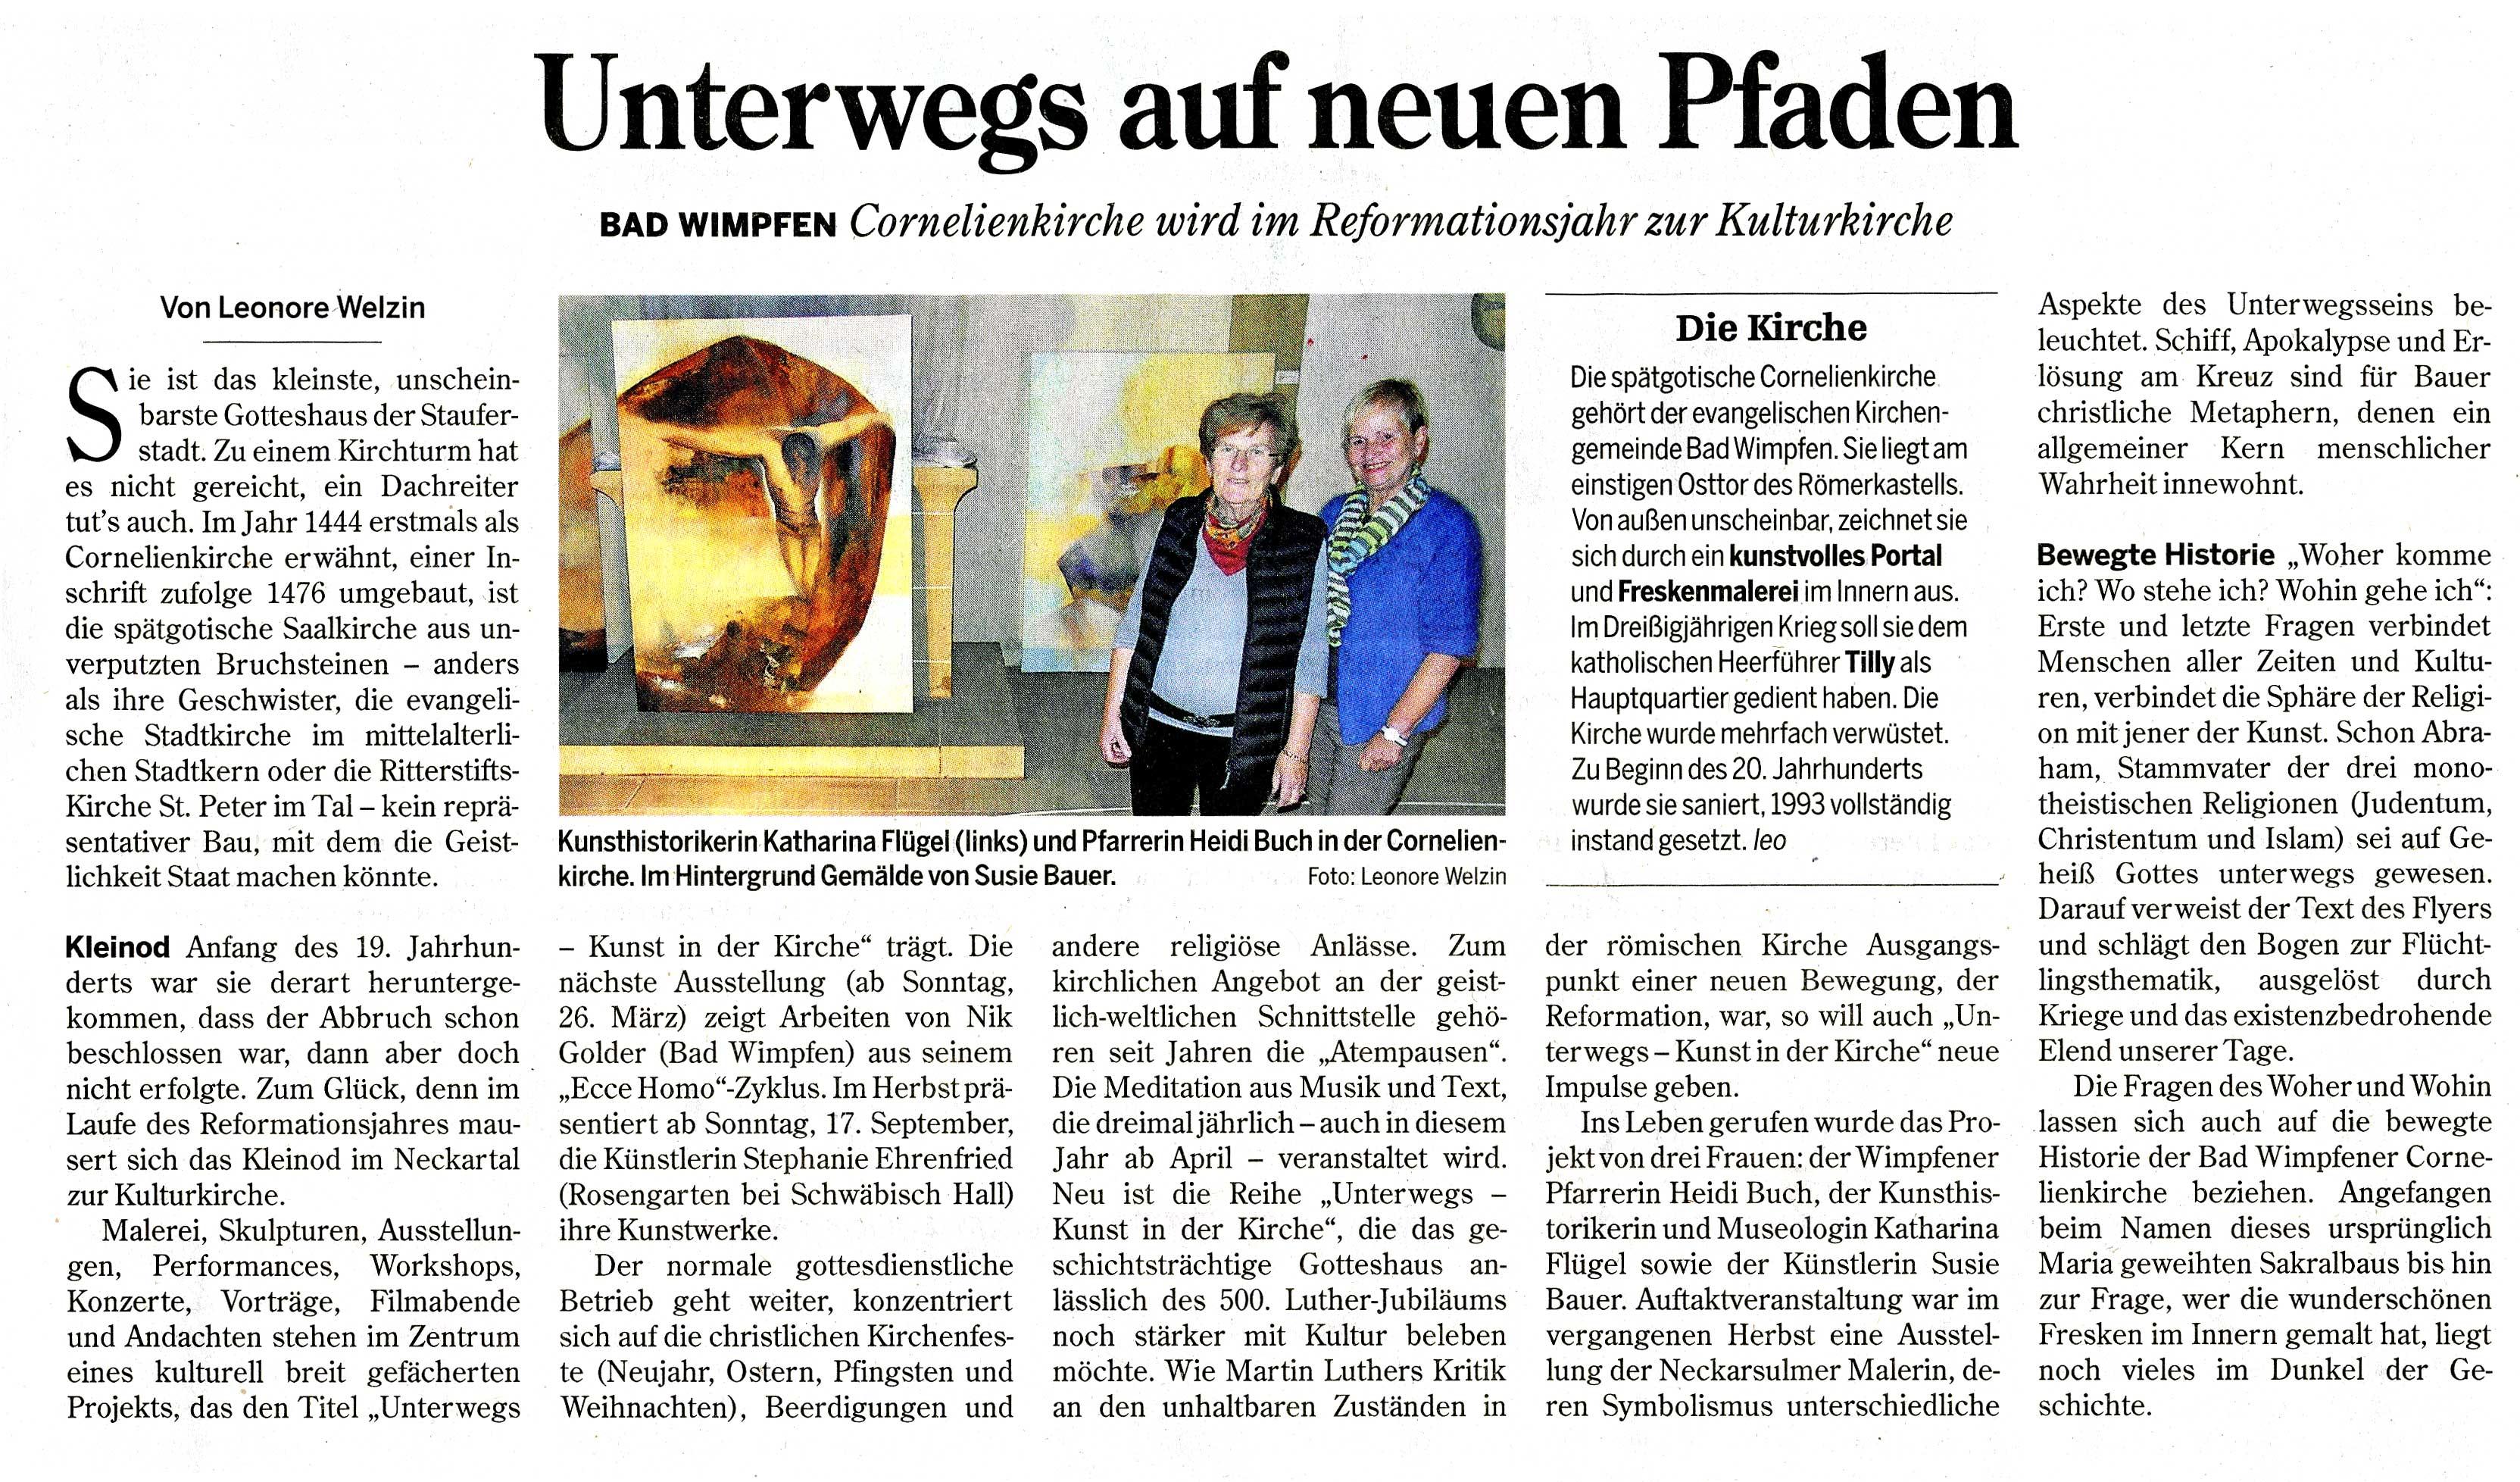 2017-03-01_hst_kunst+cornelienkirche